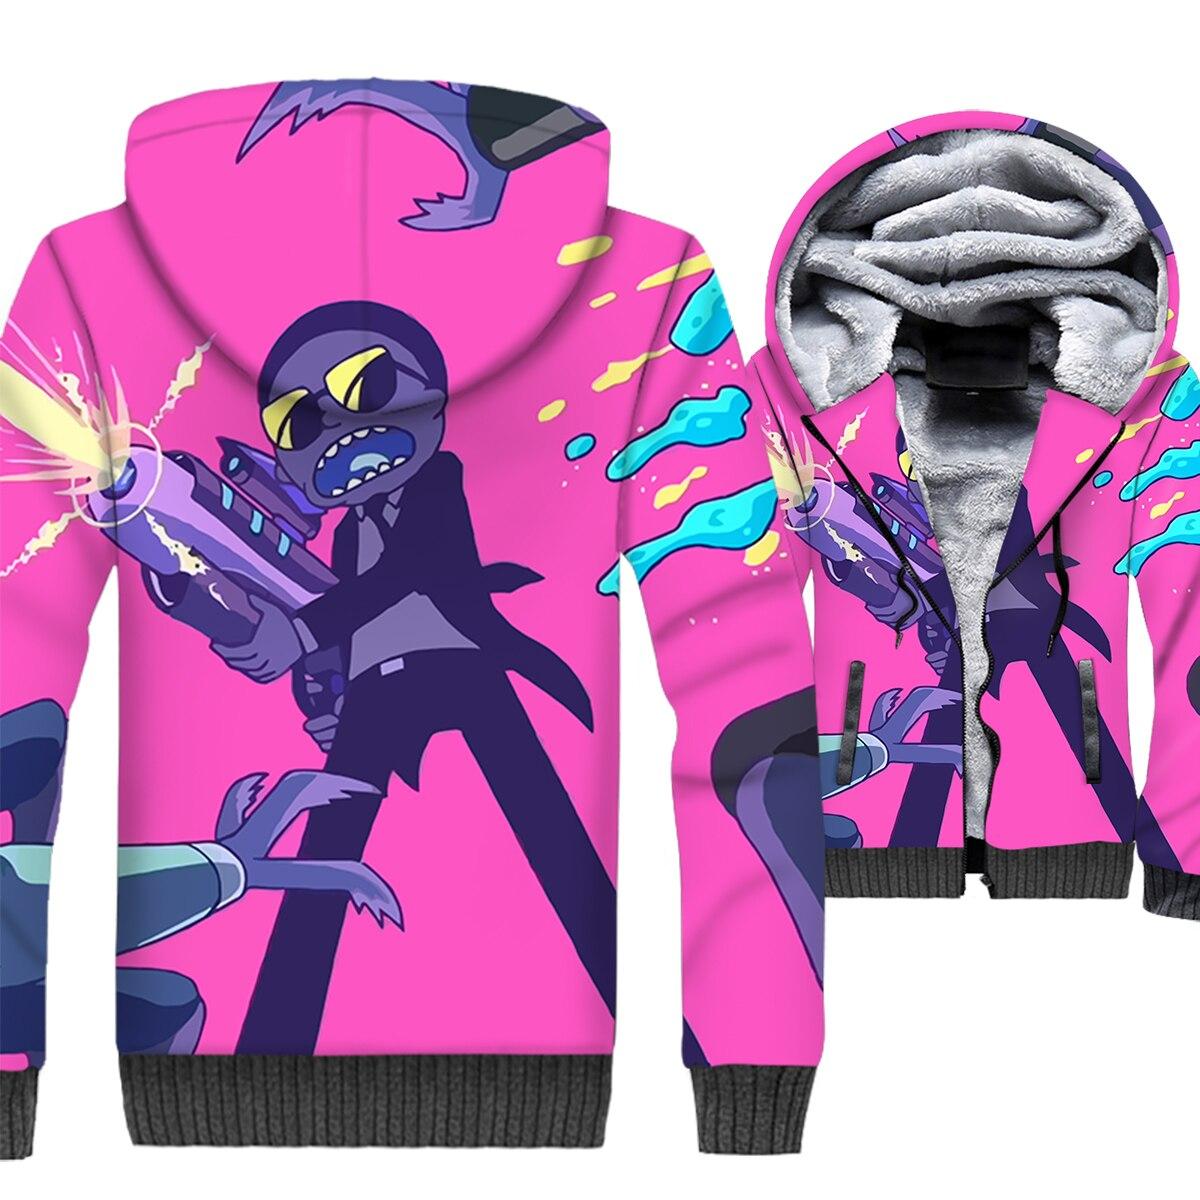 2019 nouveauté offre spéciale veste 3D drôle RICK et MORTY Hip Hop hommes Steetwear marque de mode hommes Sweatshirts survêtement mâle